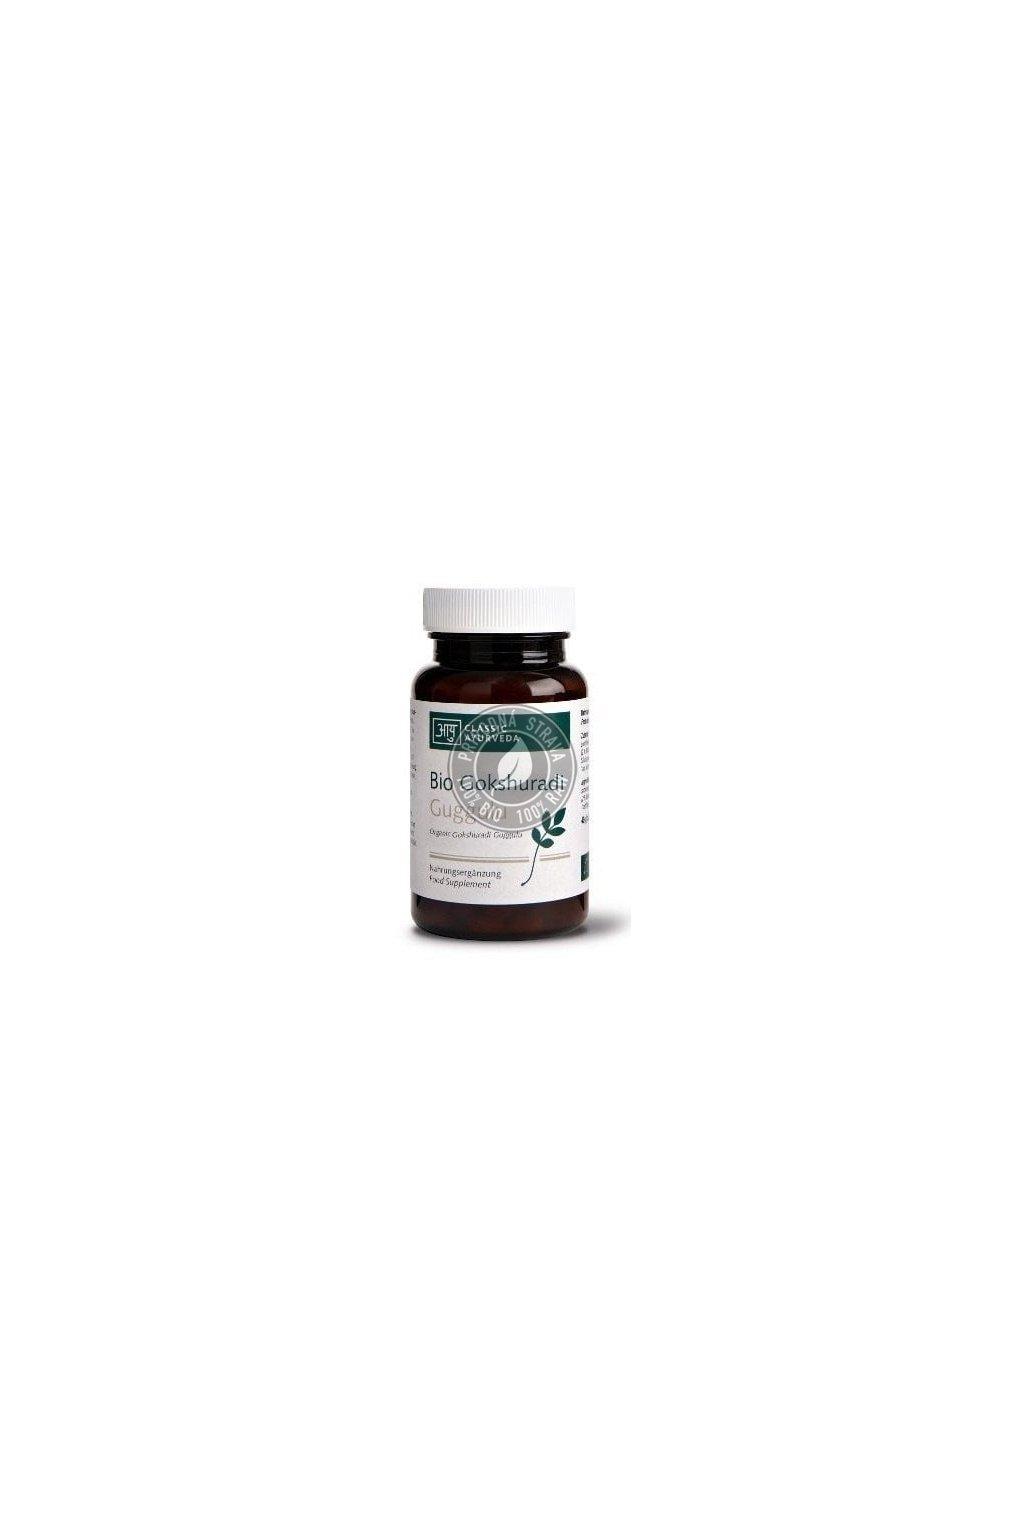 classic ayurveda organic gokshuradi guggulu capsules 90 capsule 501505 en